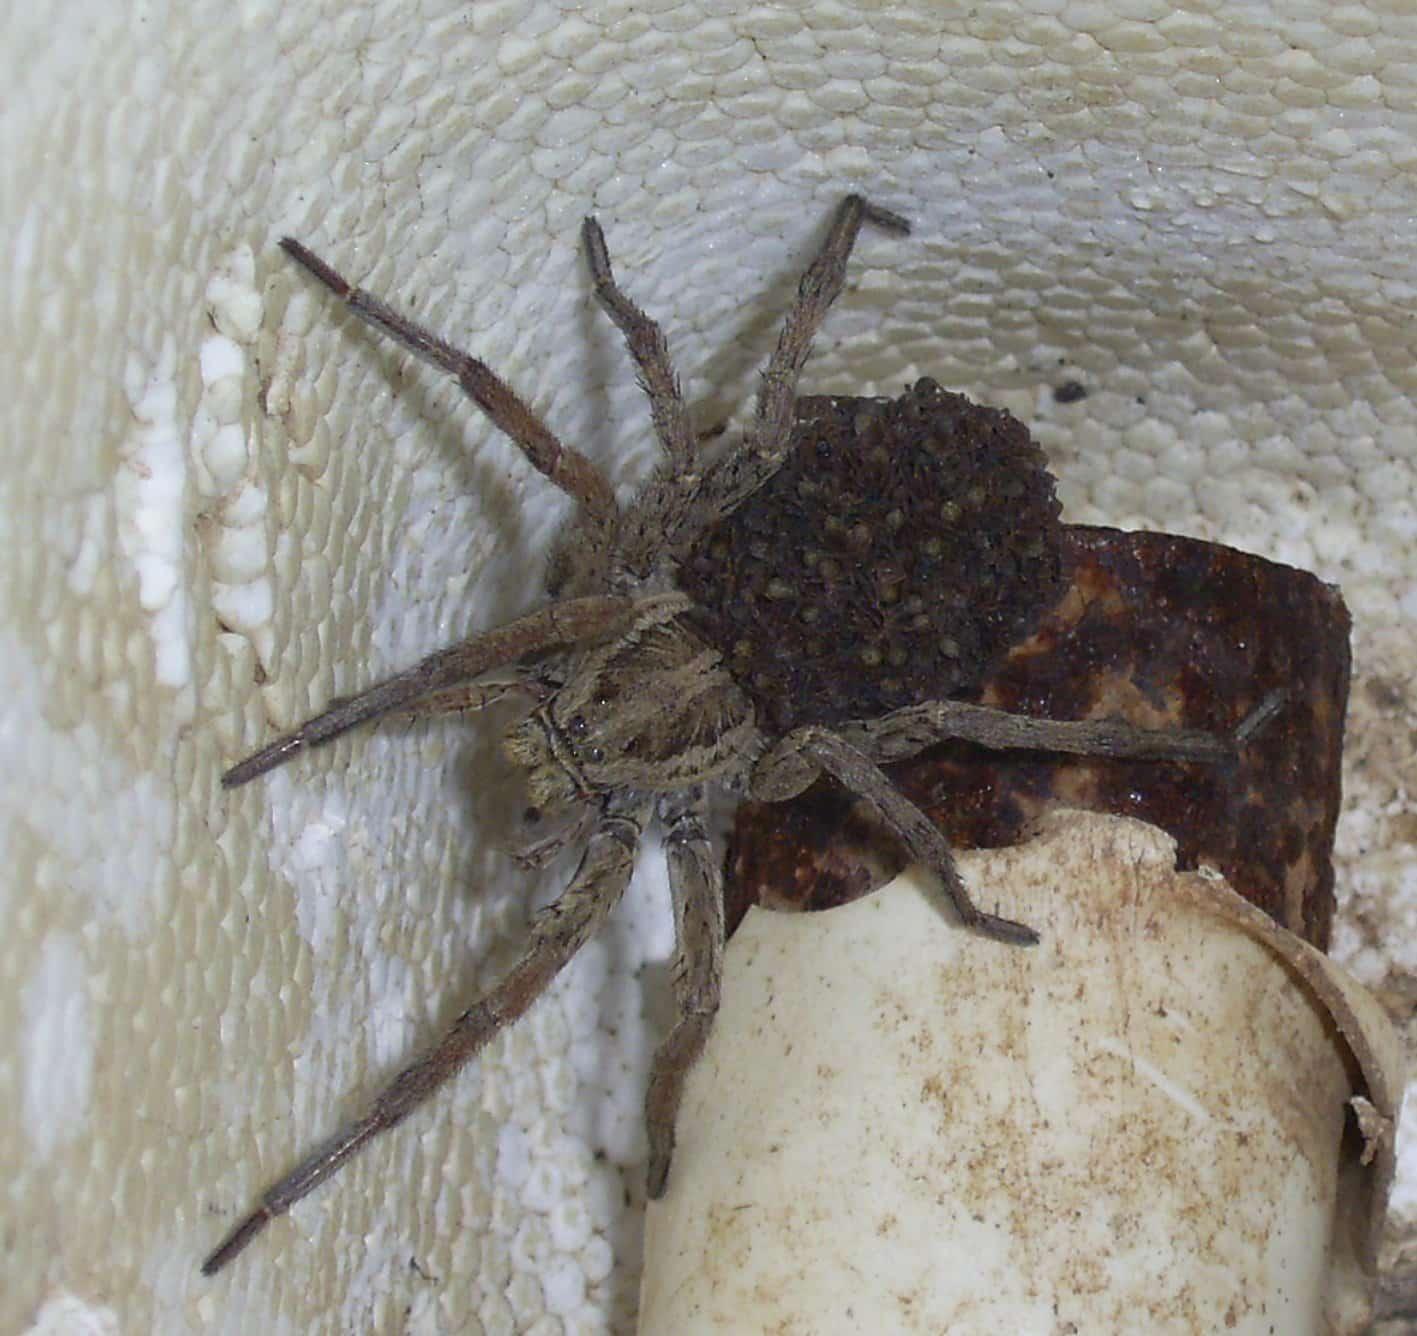 Faites attention à la piqure d'araignée